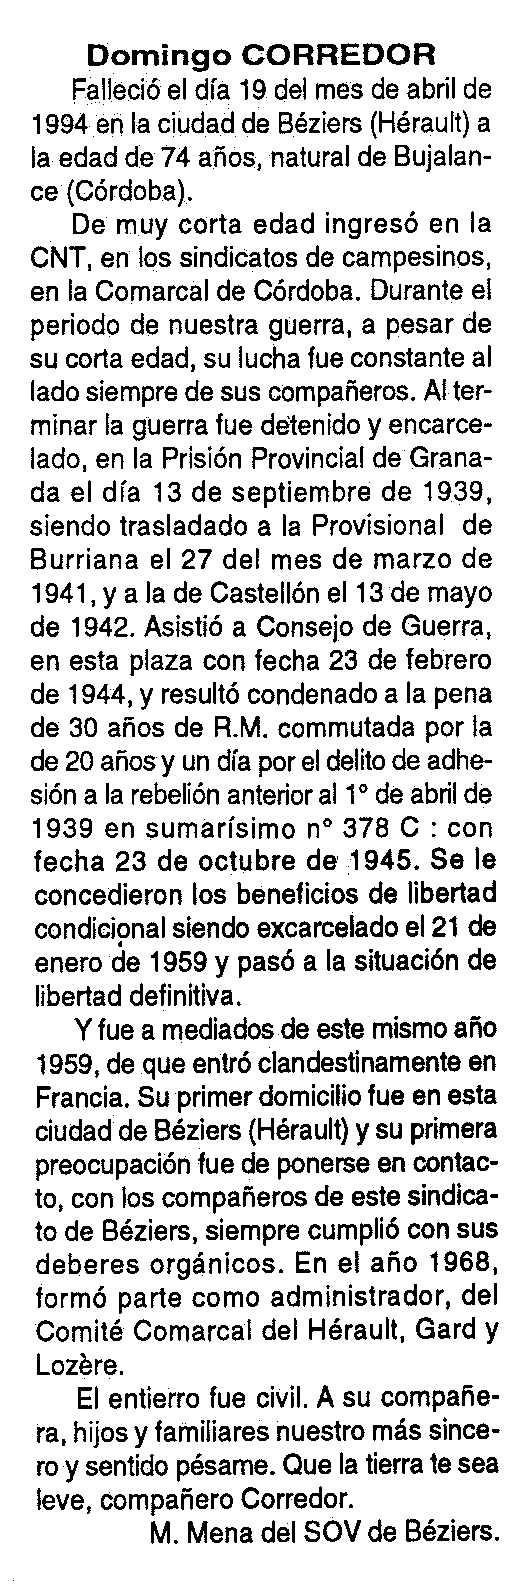 """Necrològica de Víctor Corredor Valderrama apareguda en el periòdic tolosà """"Cenit"""" del 14 de juny de 1994"""